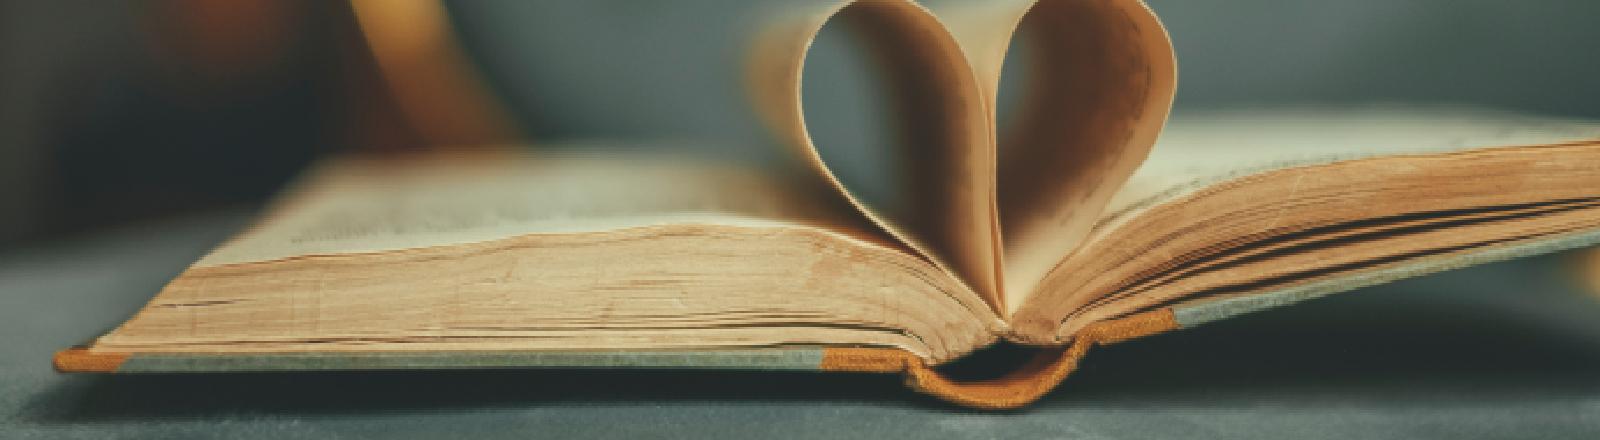 Eine Buchseite formt sich wie ein Herz